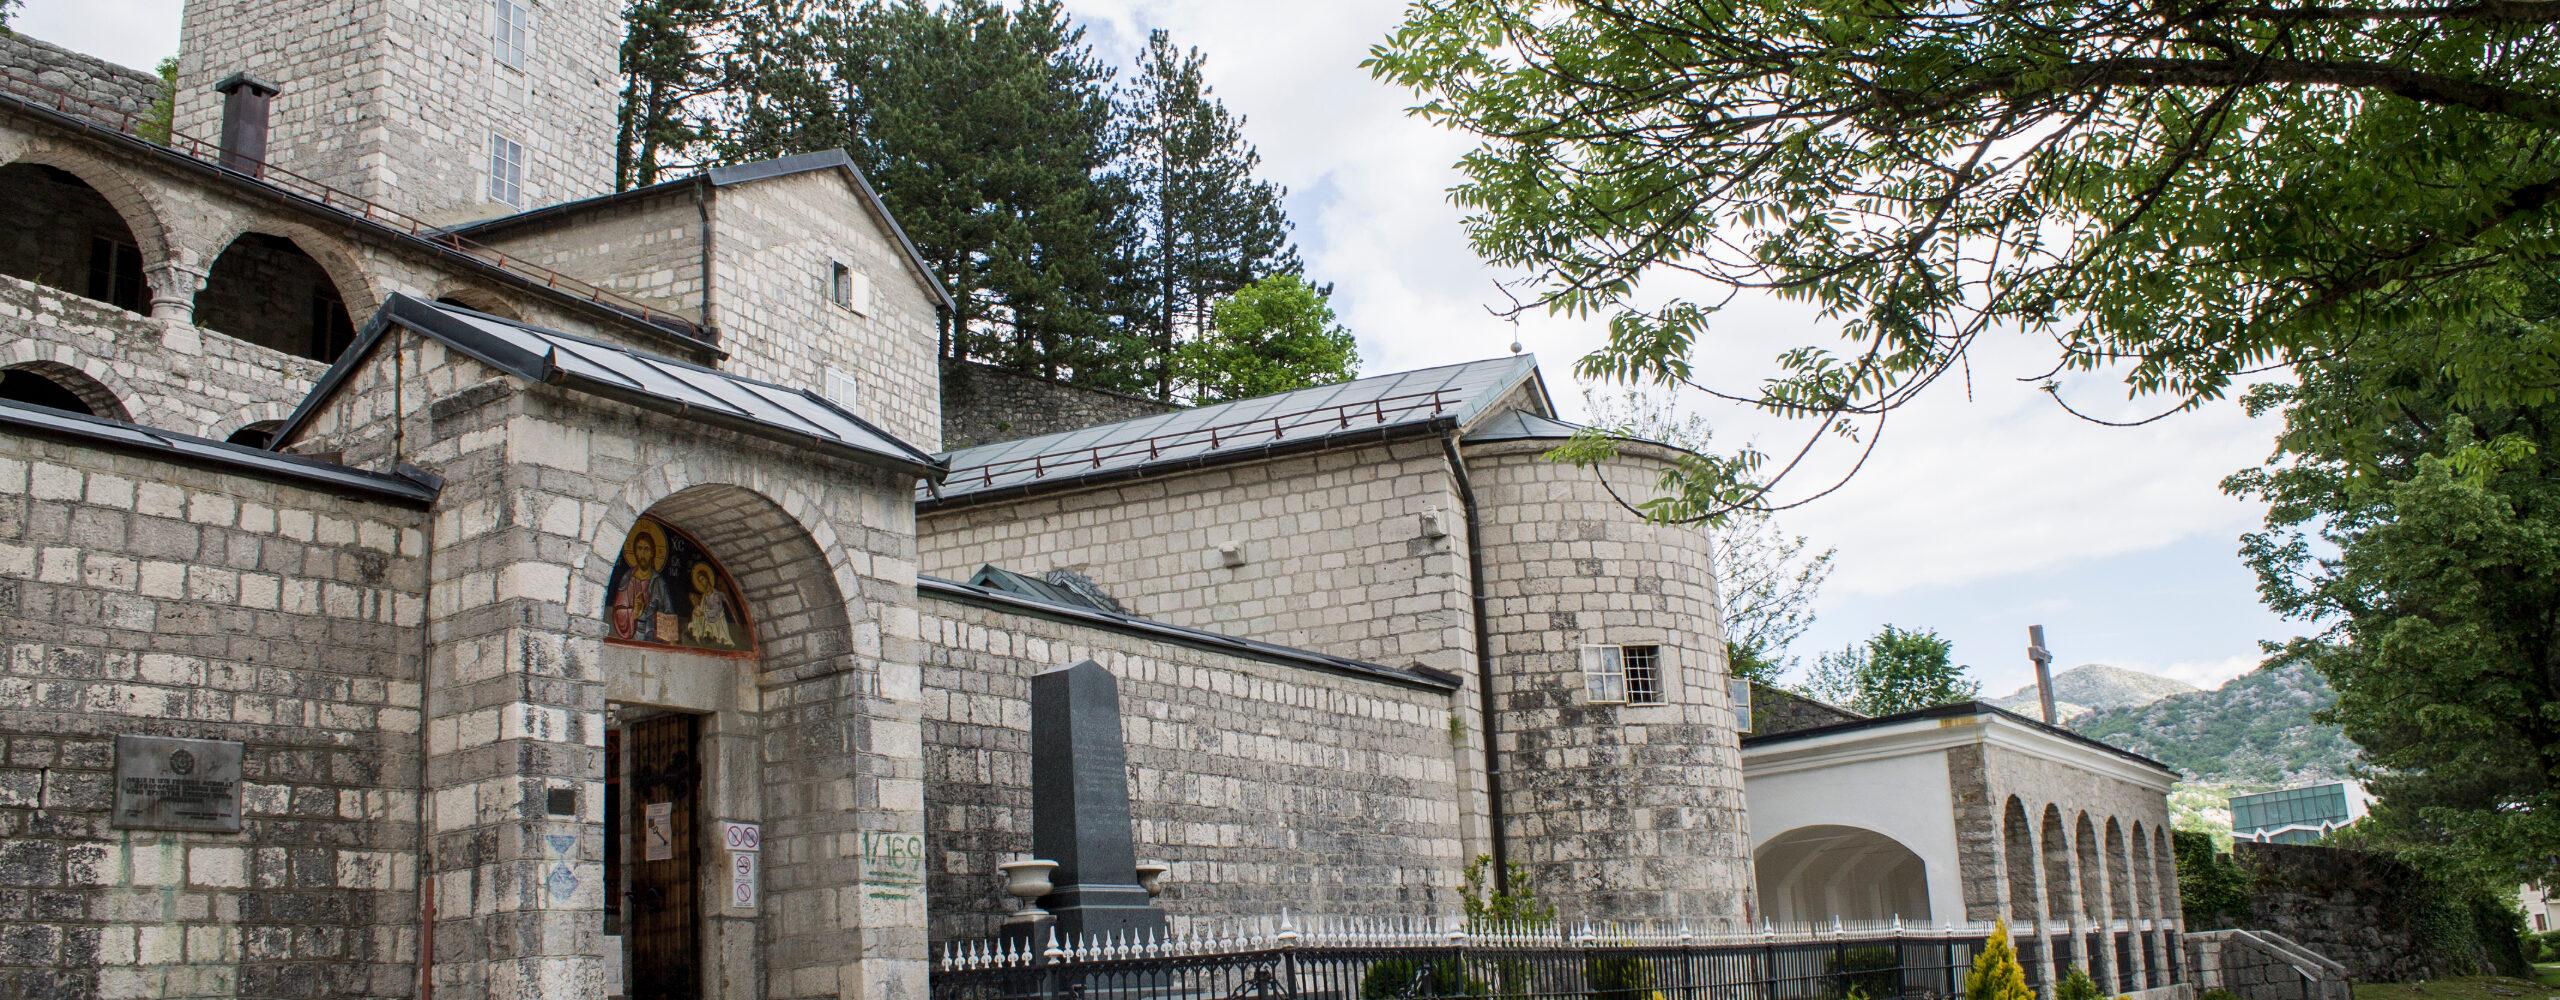 Цетинье— древняя столица Черногории.